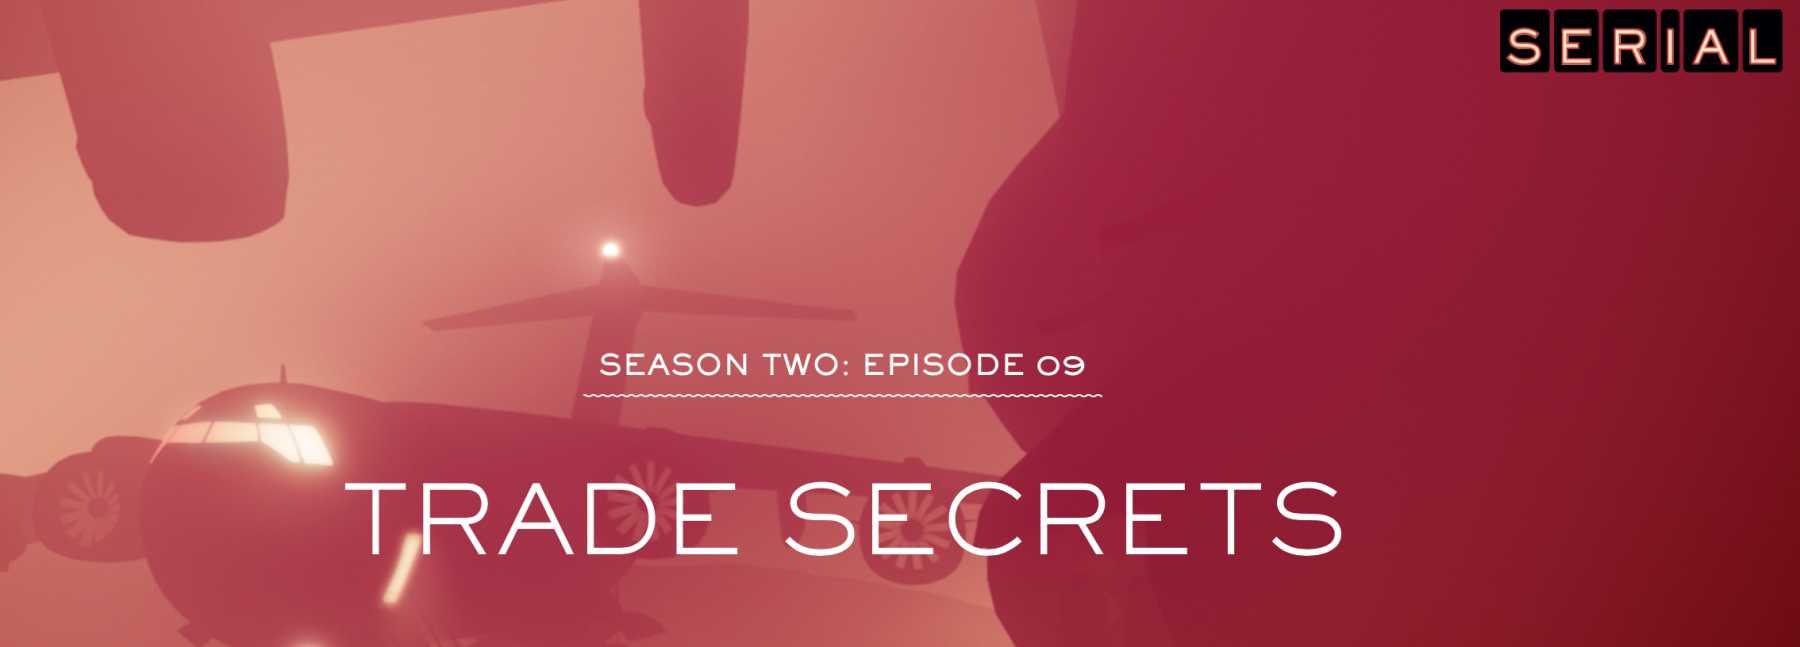 Serial: 02x09, Trade Secrets | Trade Secrets